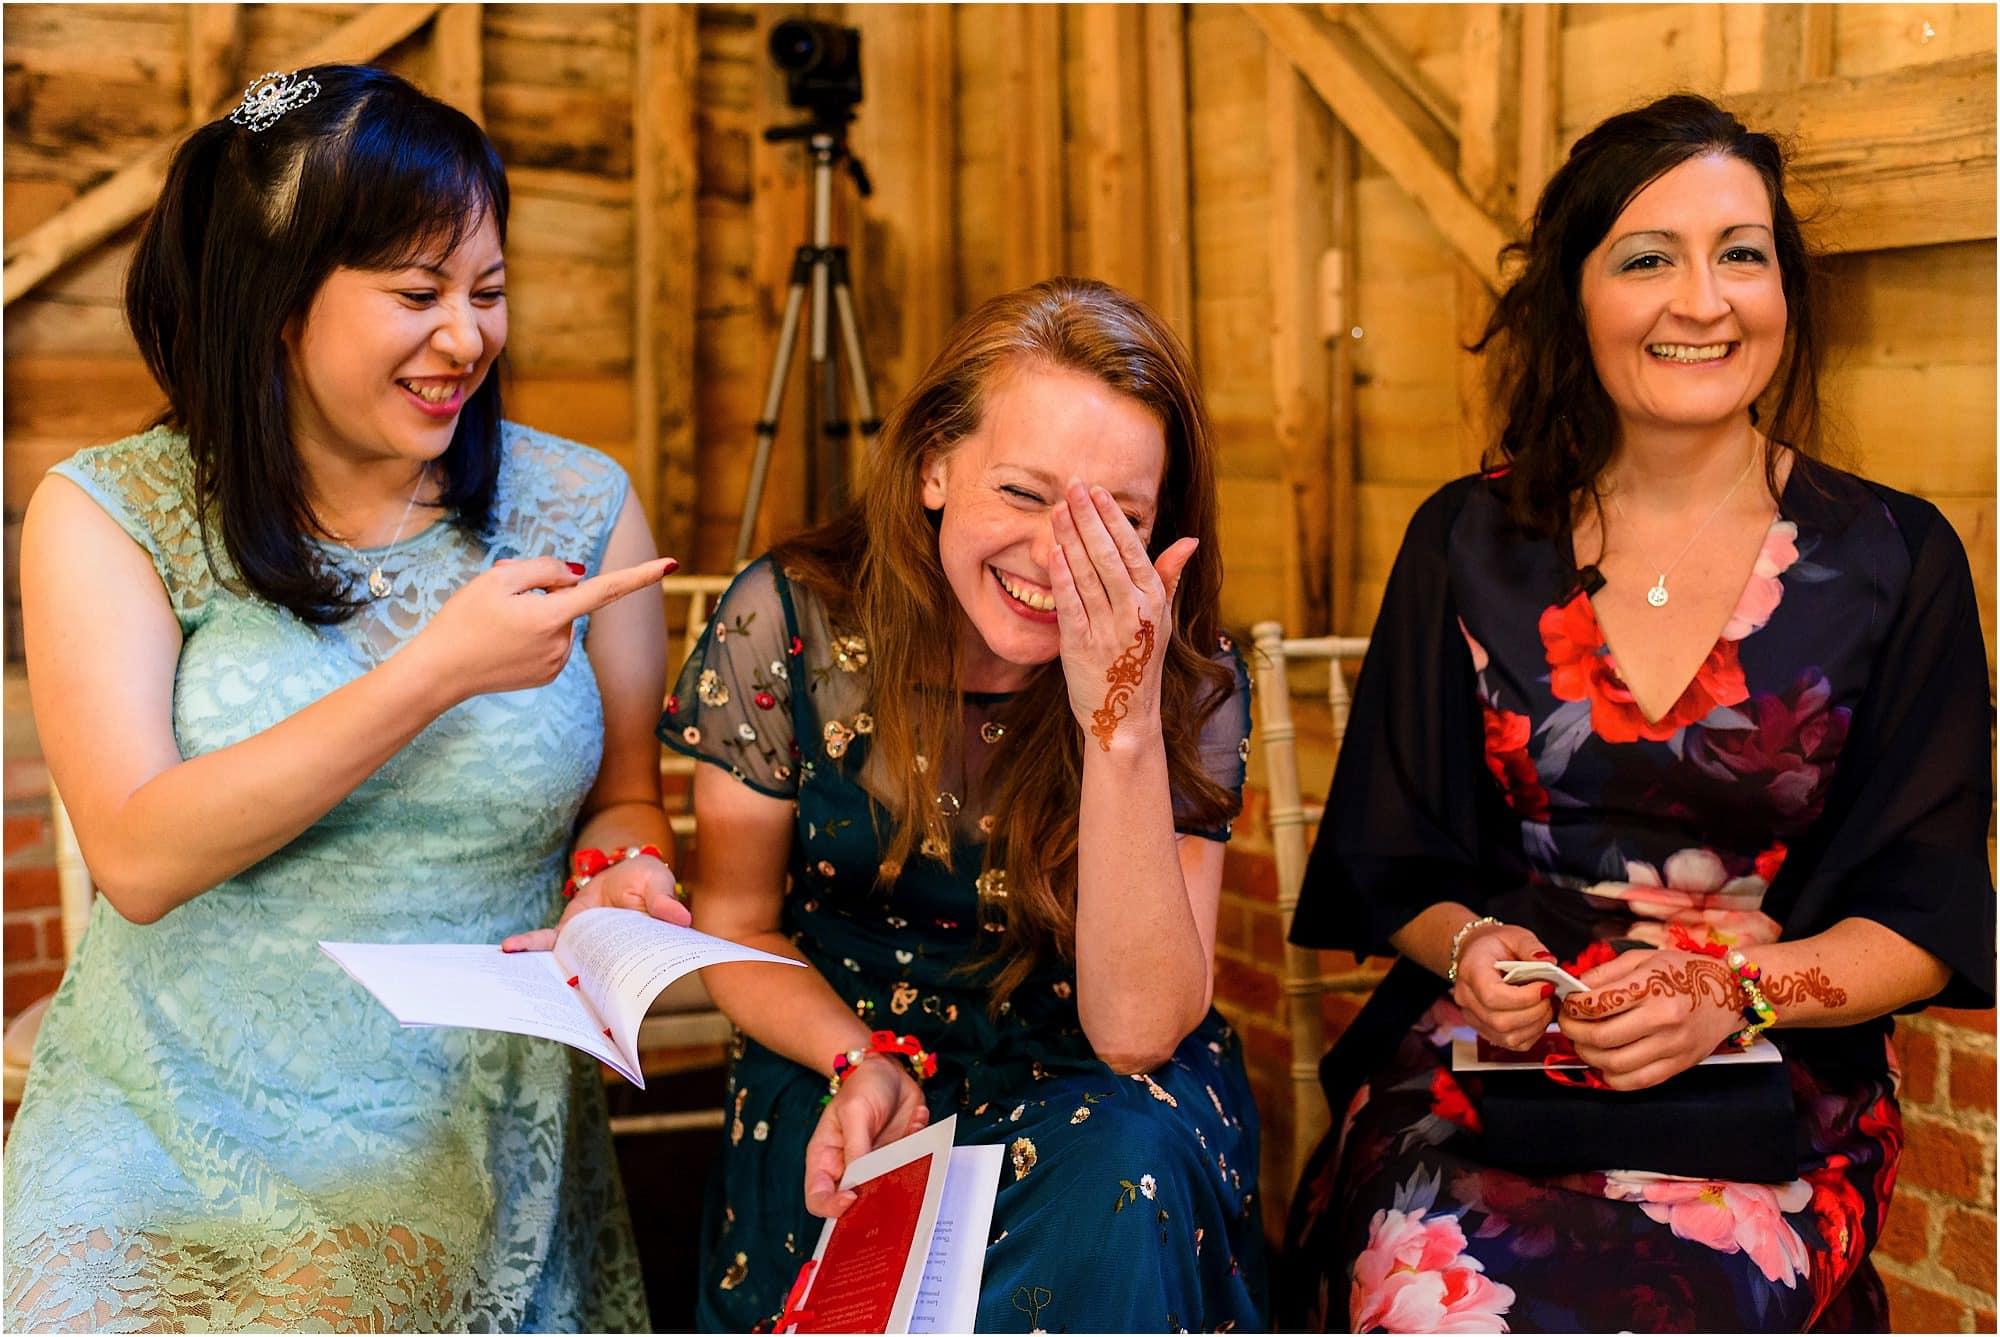 Relaxed fun wedding photos